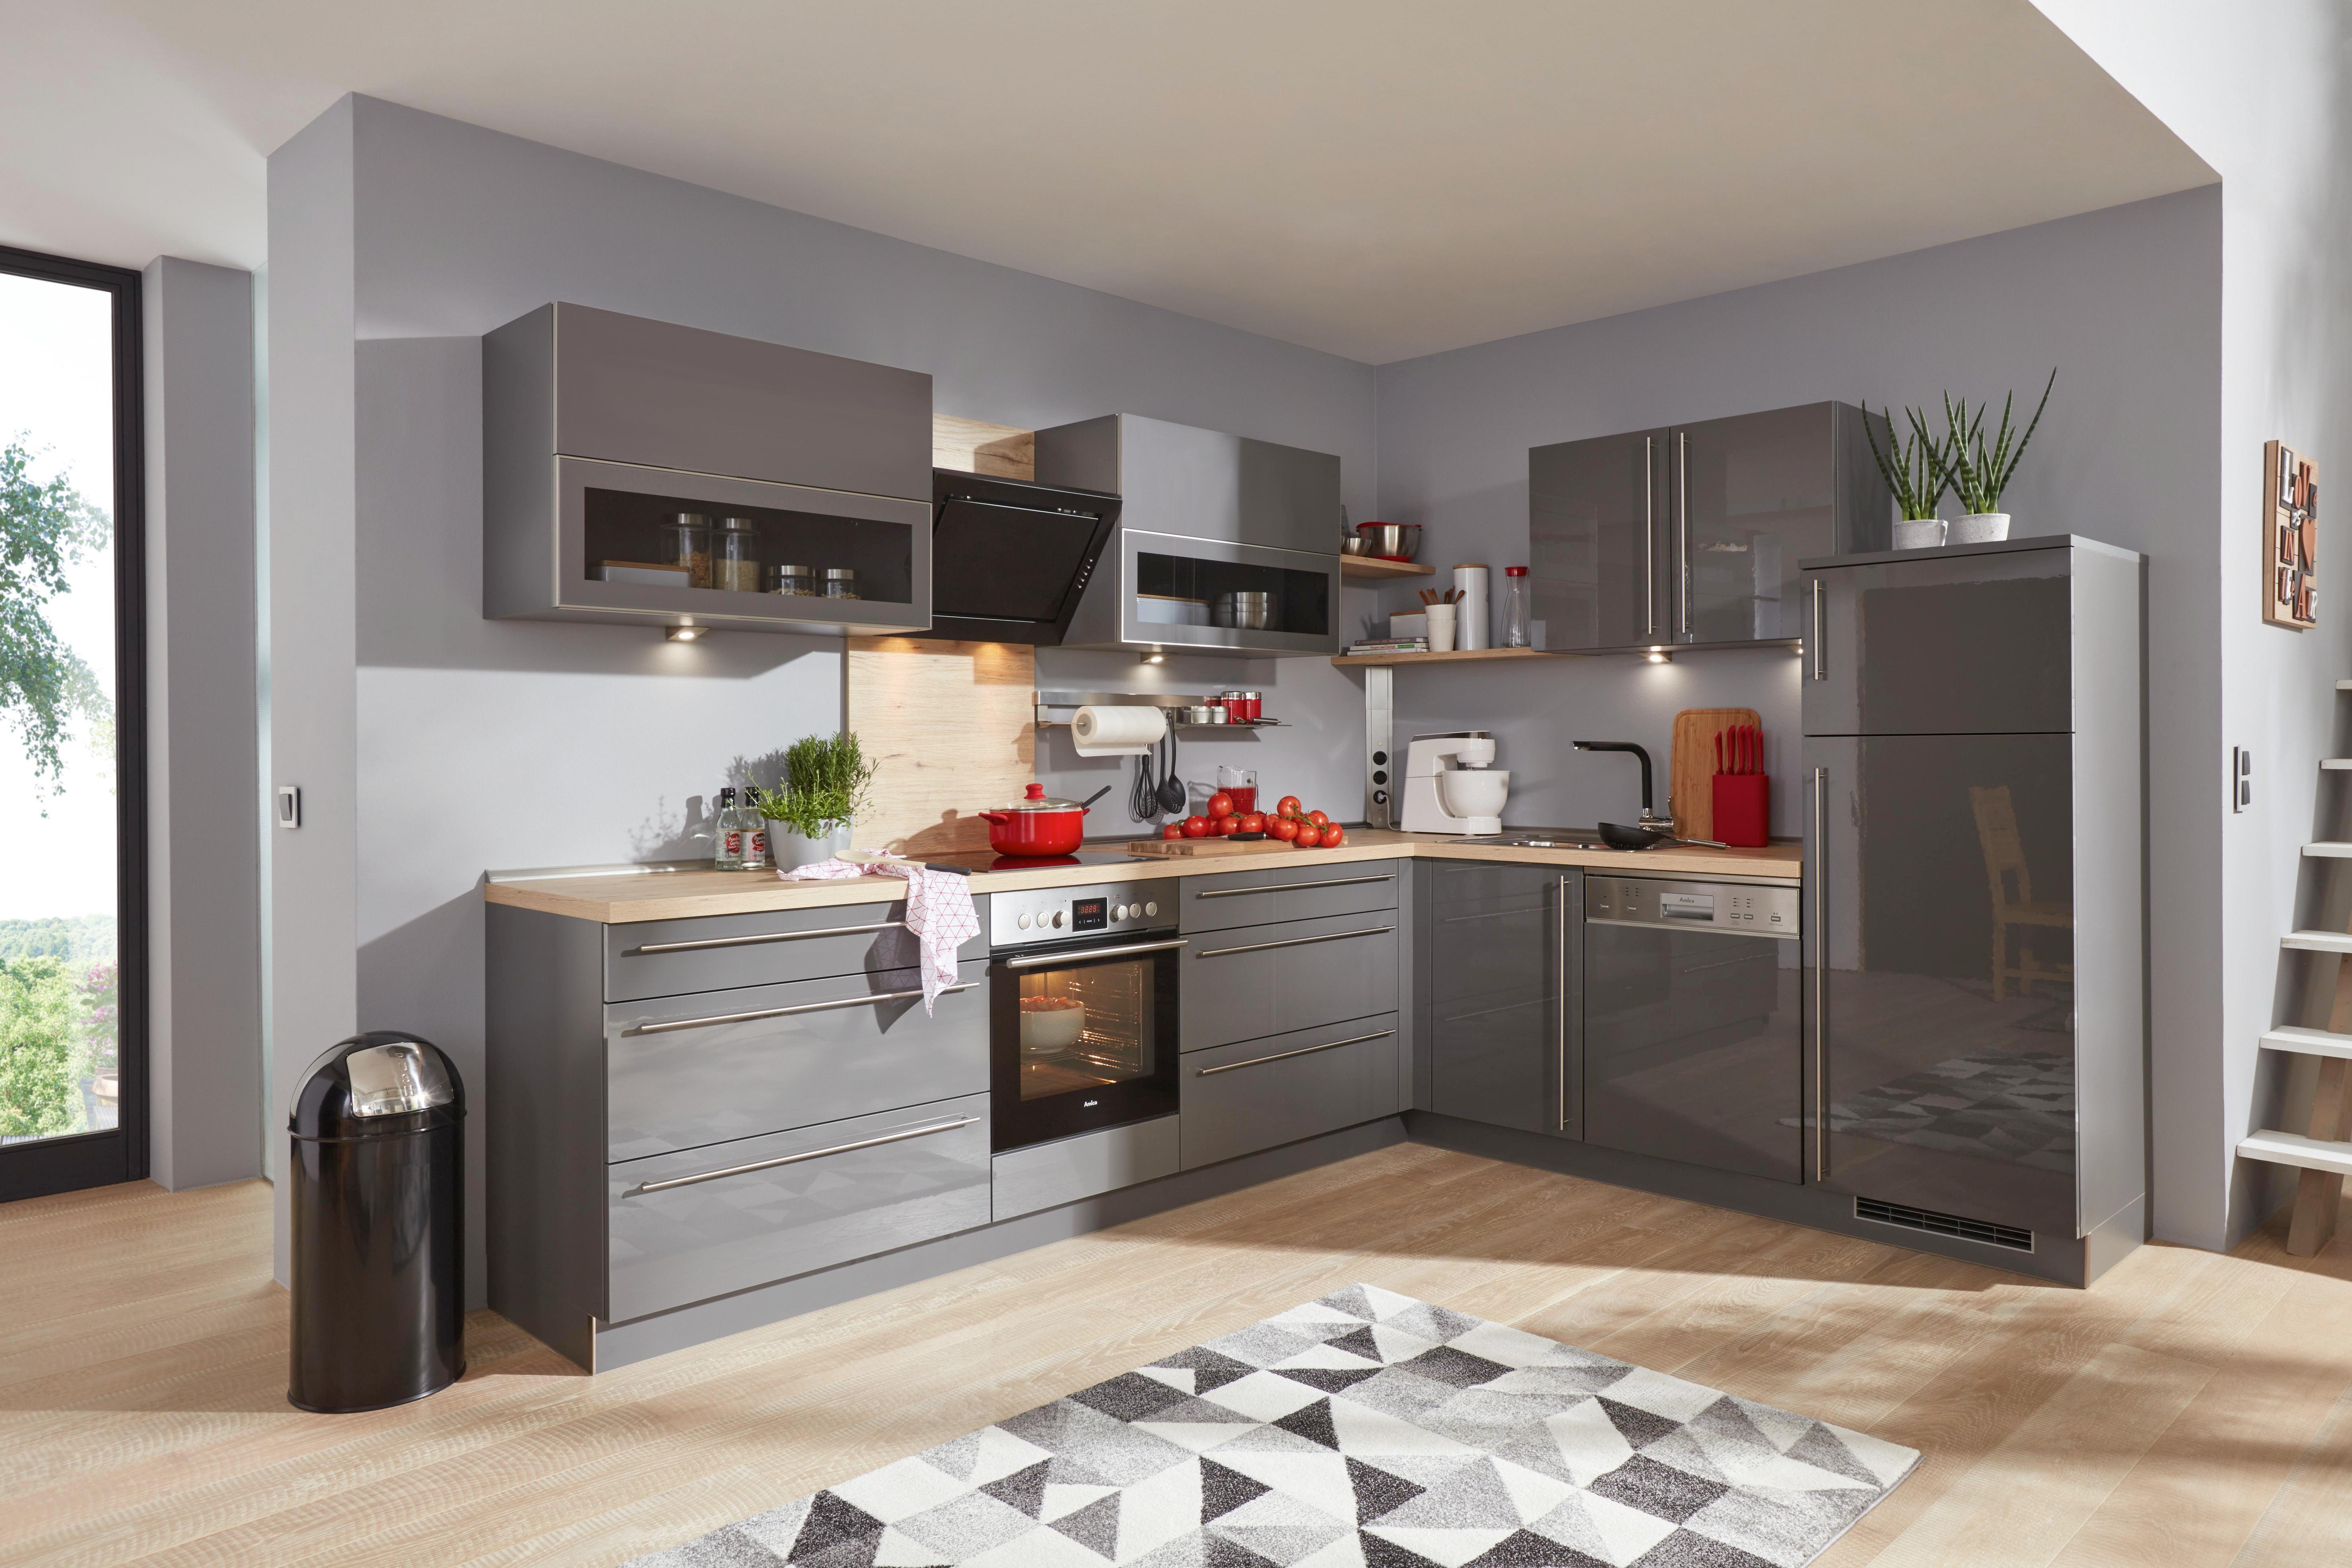 Gemütlich Benutzerdefinierte Küchenschranktüren Ideen - Ideen Für ...